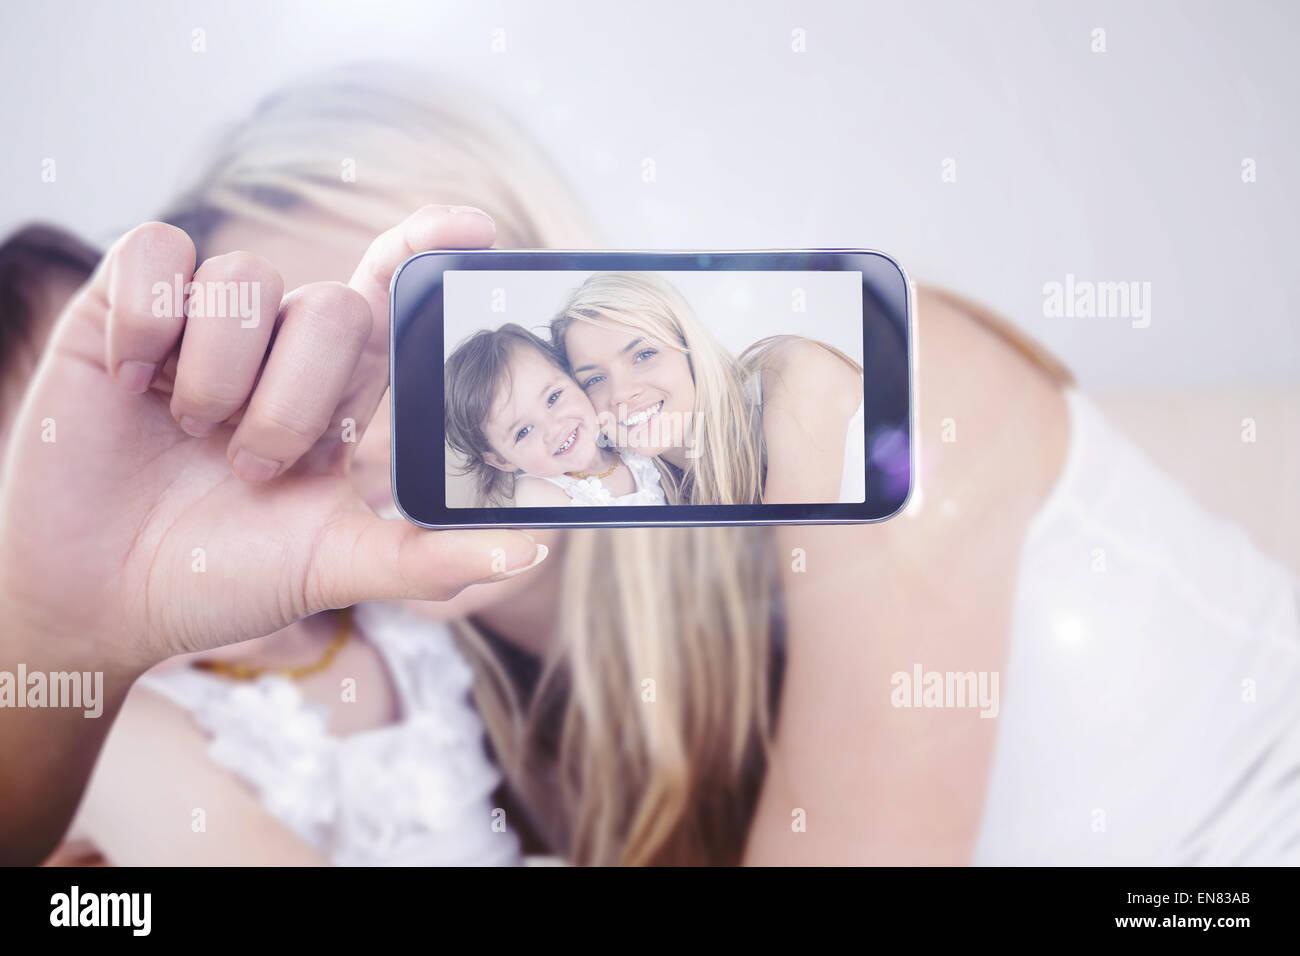 Imagen compuesta de mano sujetando el smartphone mostrar Imagen De Stock